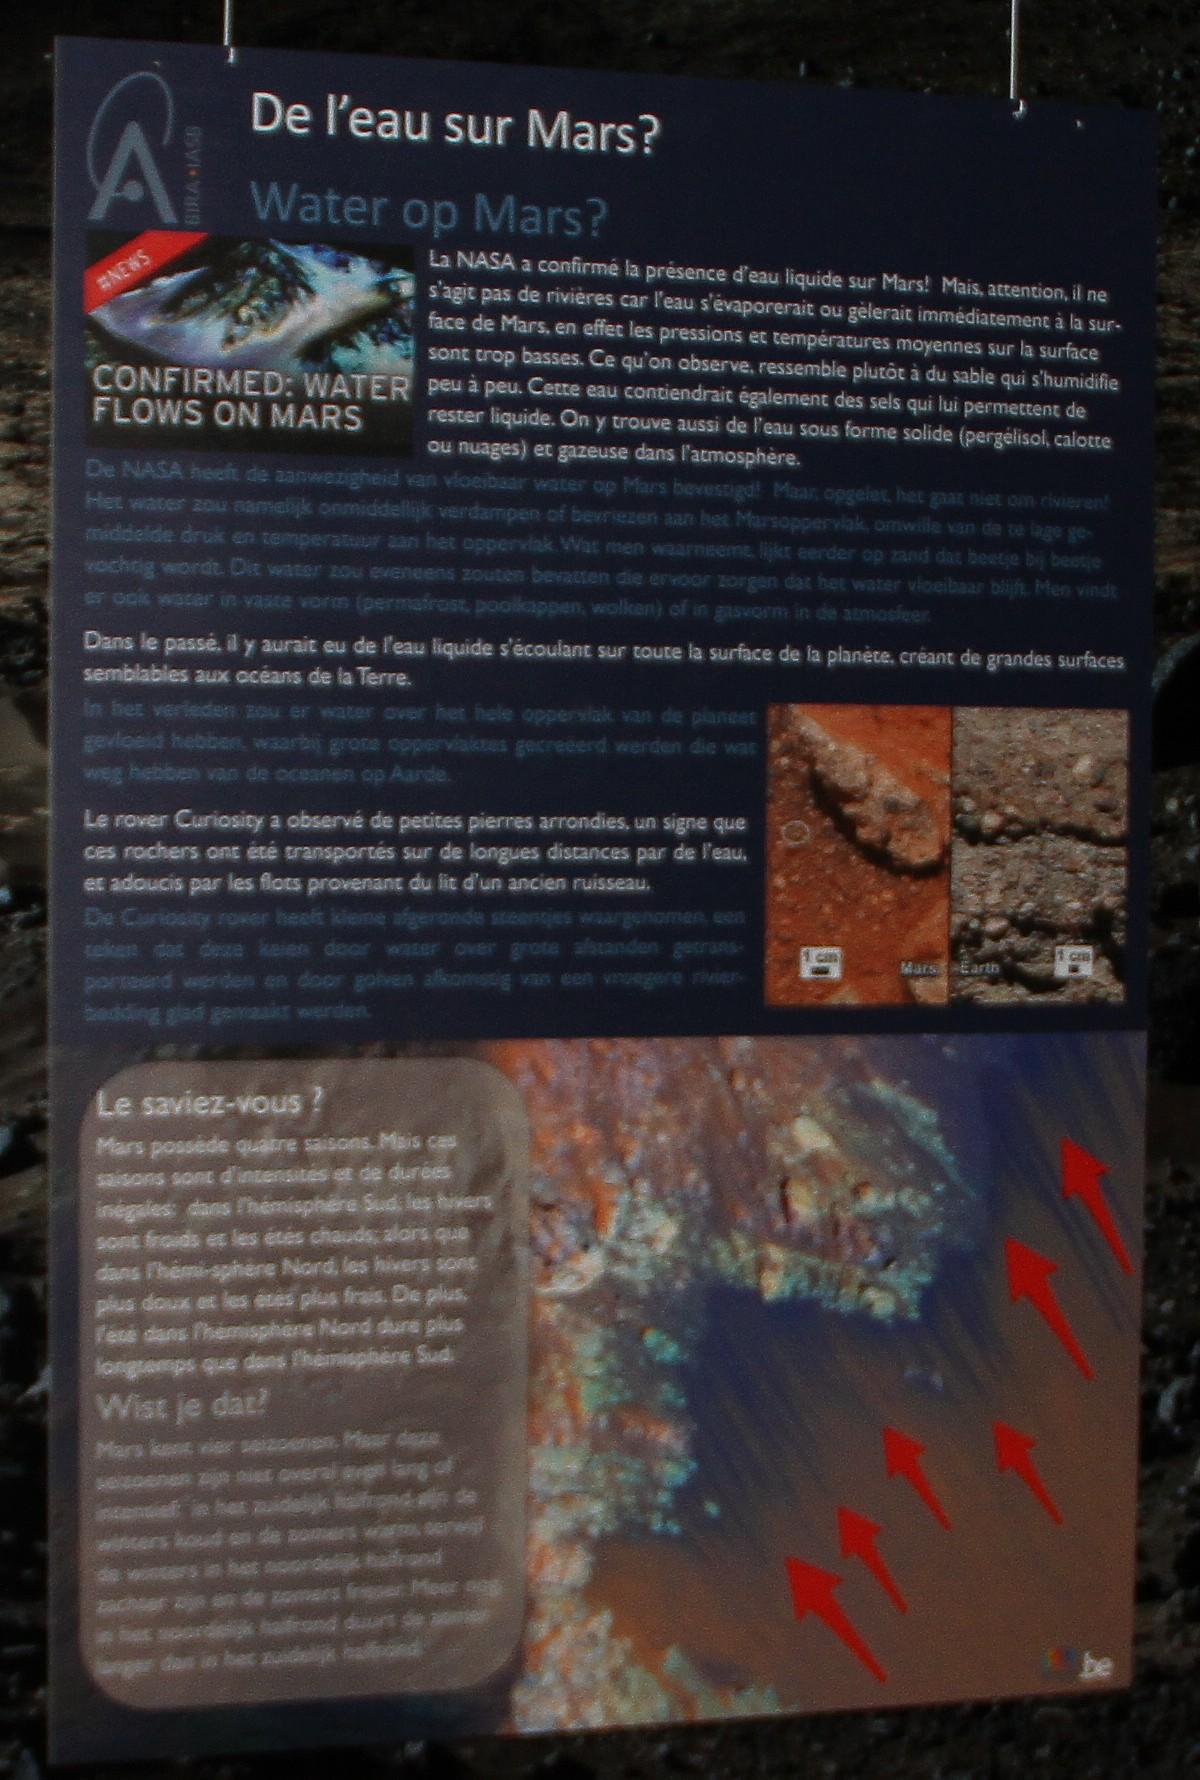 16 03 09 - 17h 44m 45s - esc expo mars rec